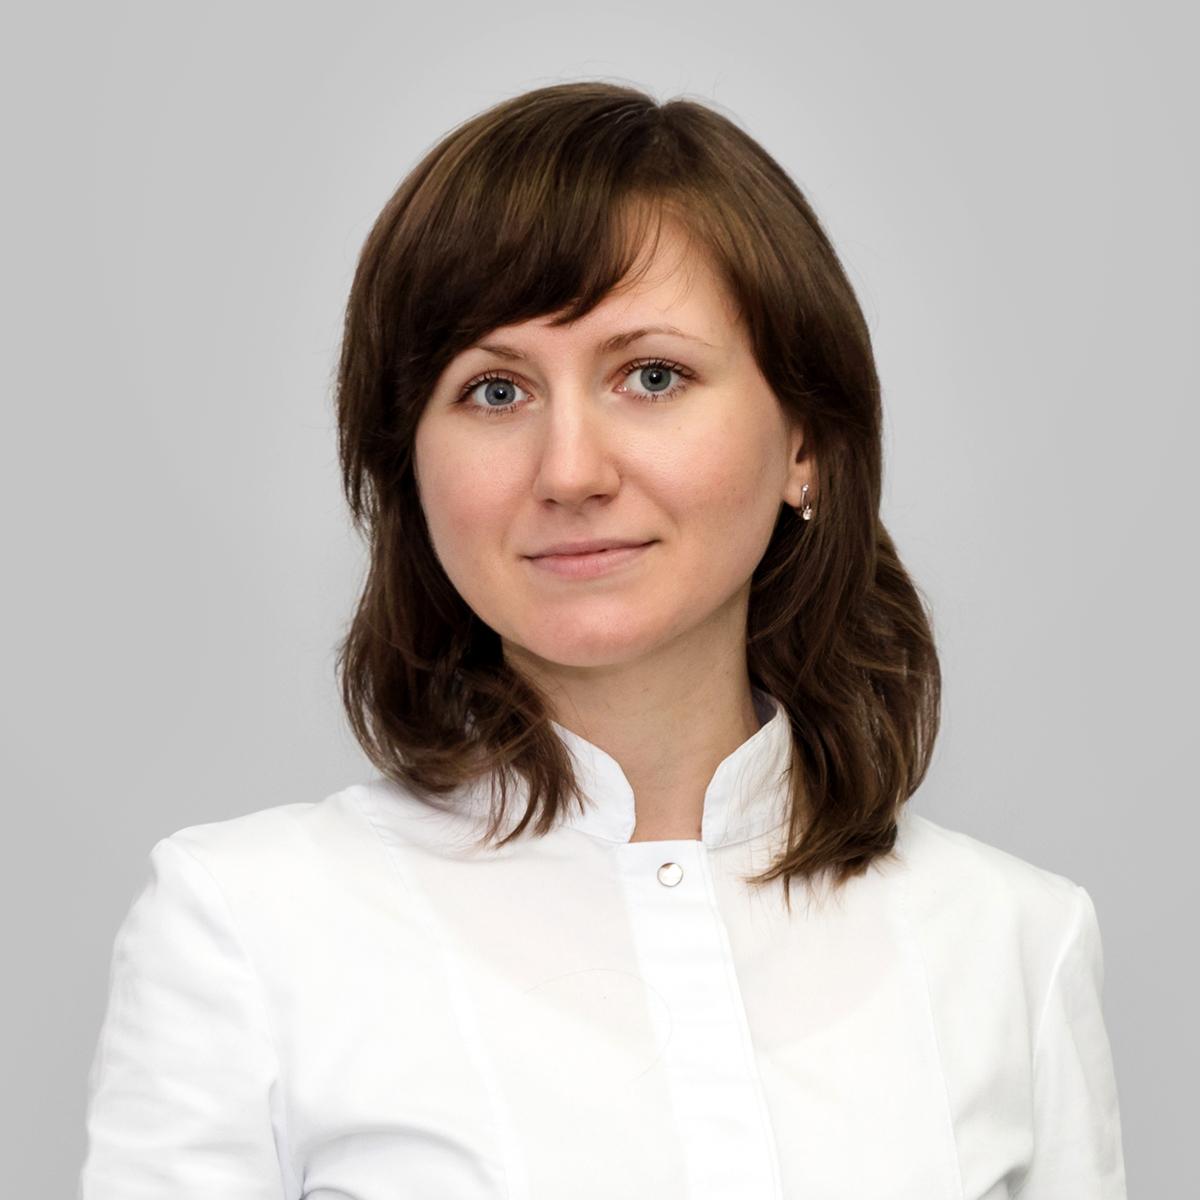 Мирошниченко Юлия Витальевна